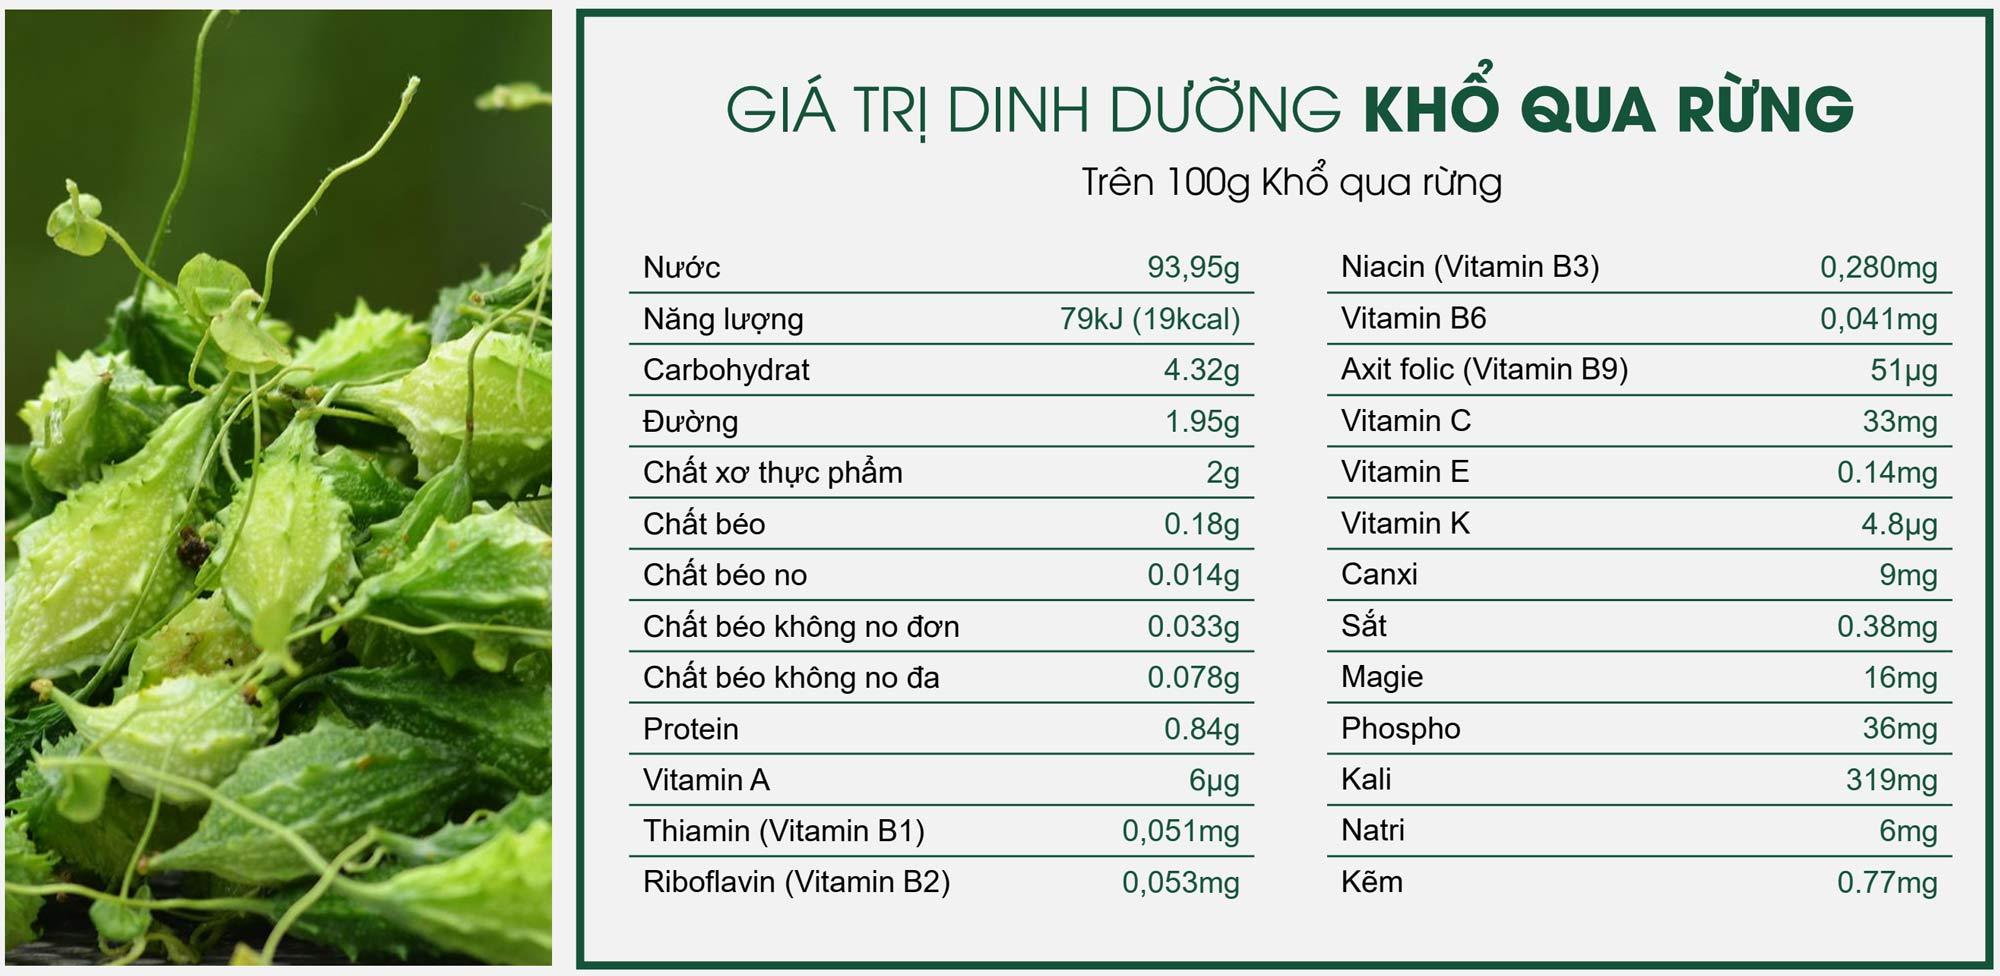 Giá trị dinh dưỡng trong mỗi 100g khổ qua rừng